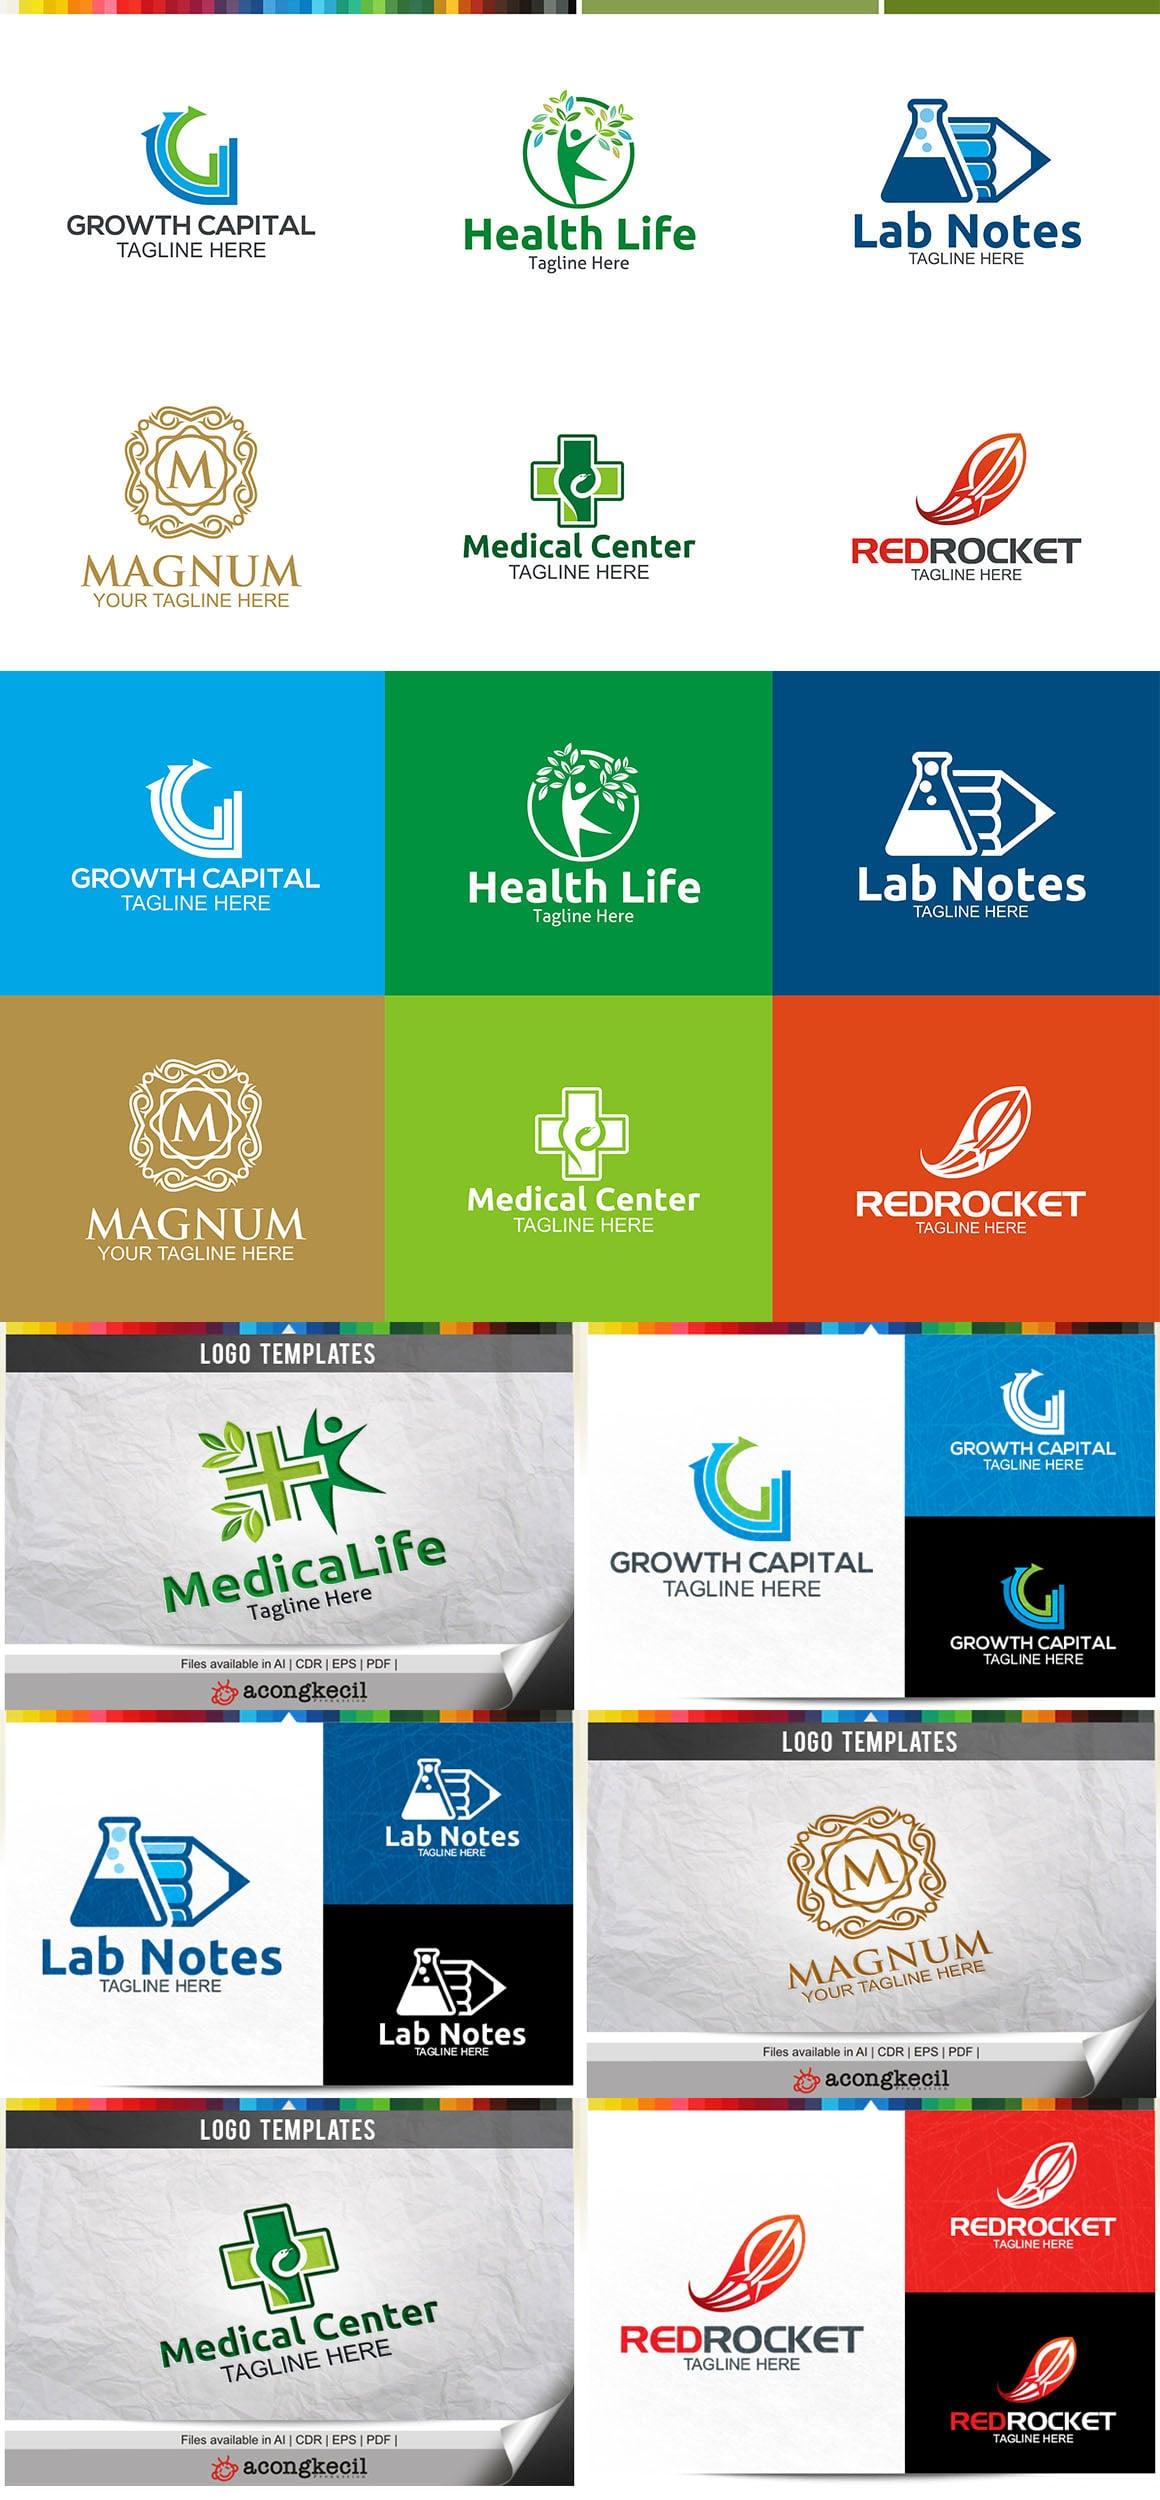 446 Business Logo Bundle - 99%+ OFF - Bundle 11 Preview5A